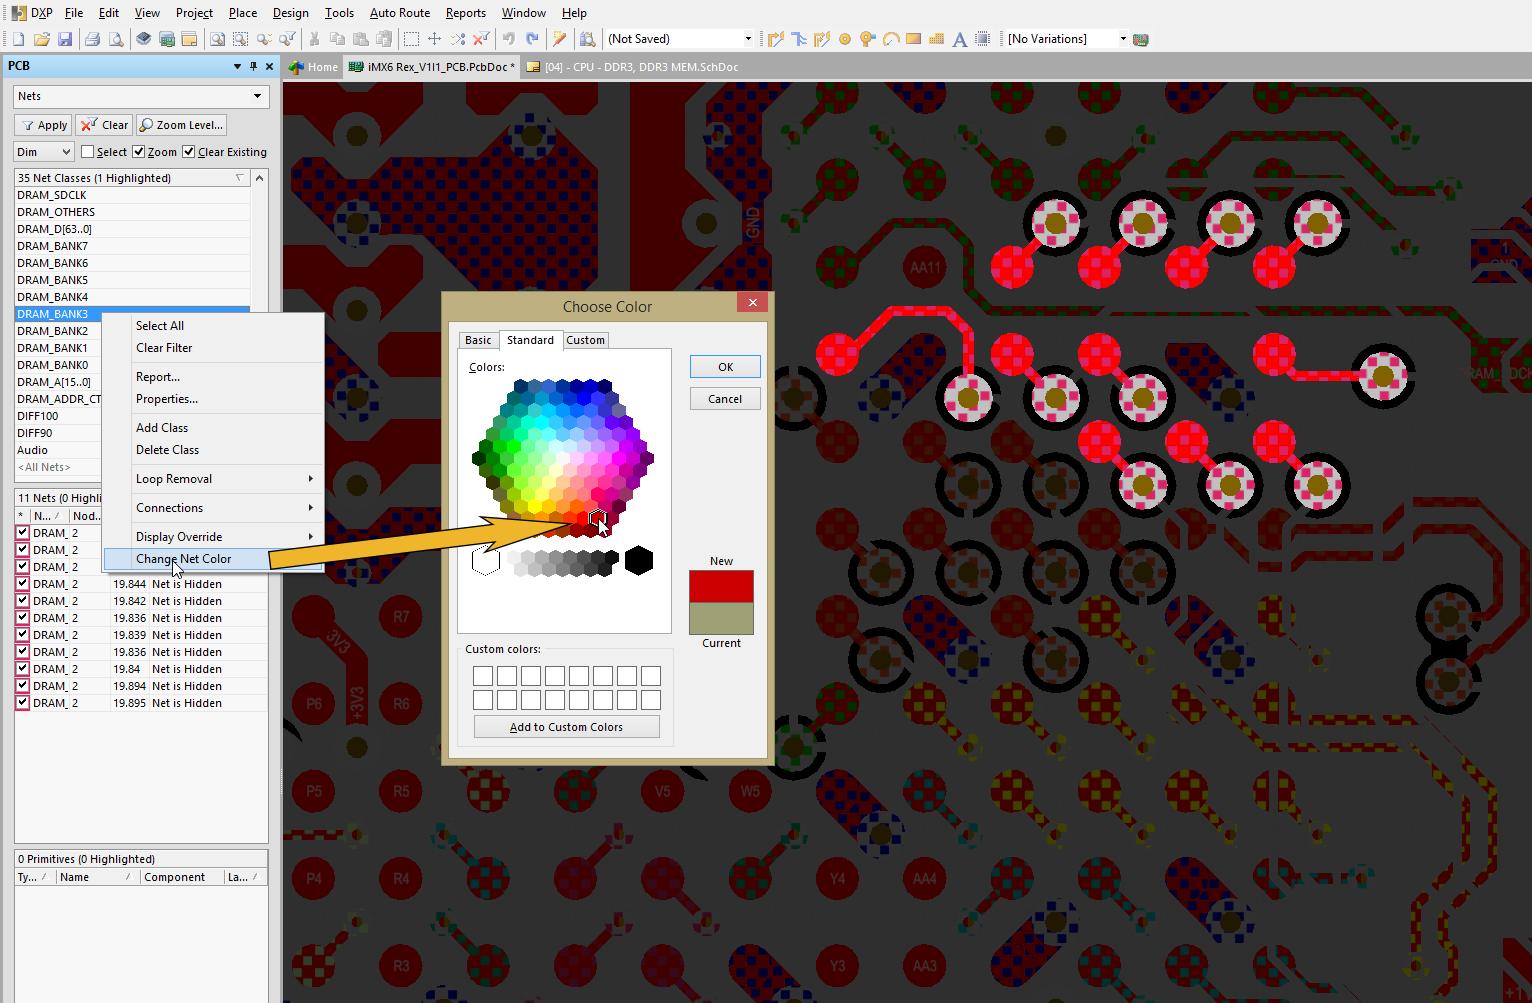 ddr3 interface example Figure 3 : Attribuer une couleur différente à chaque groupe permet de suivre plus facilement le routage de la mémoire DDR3.